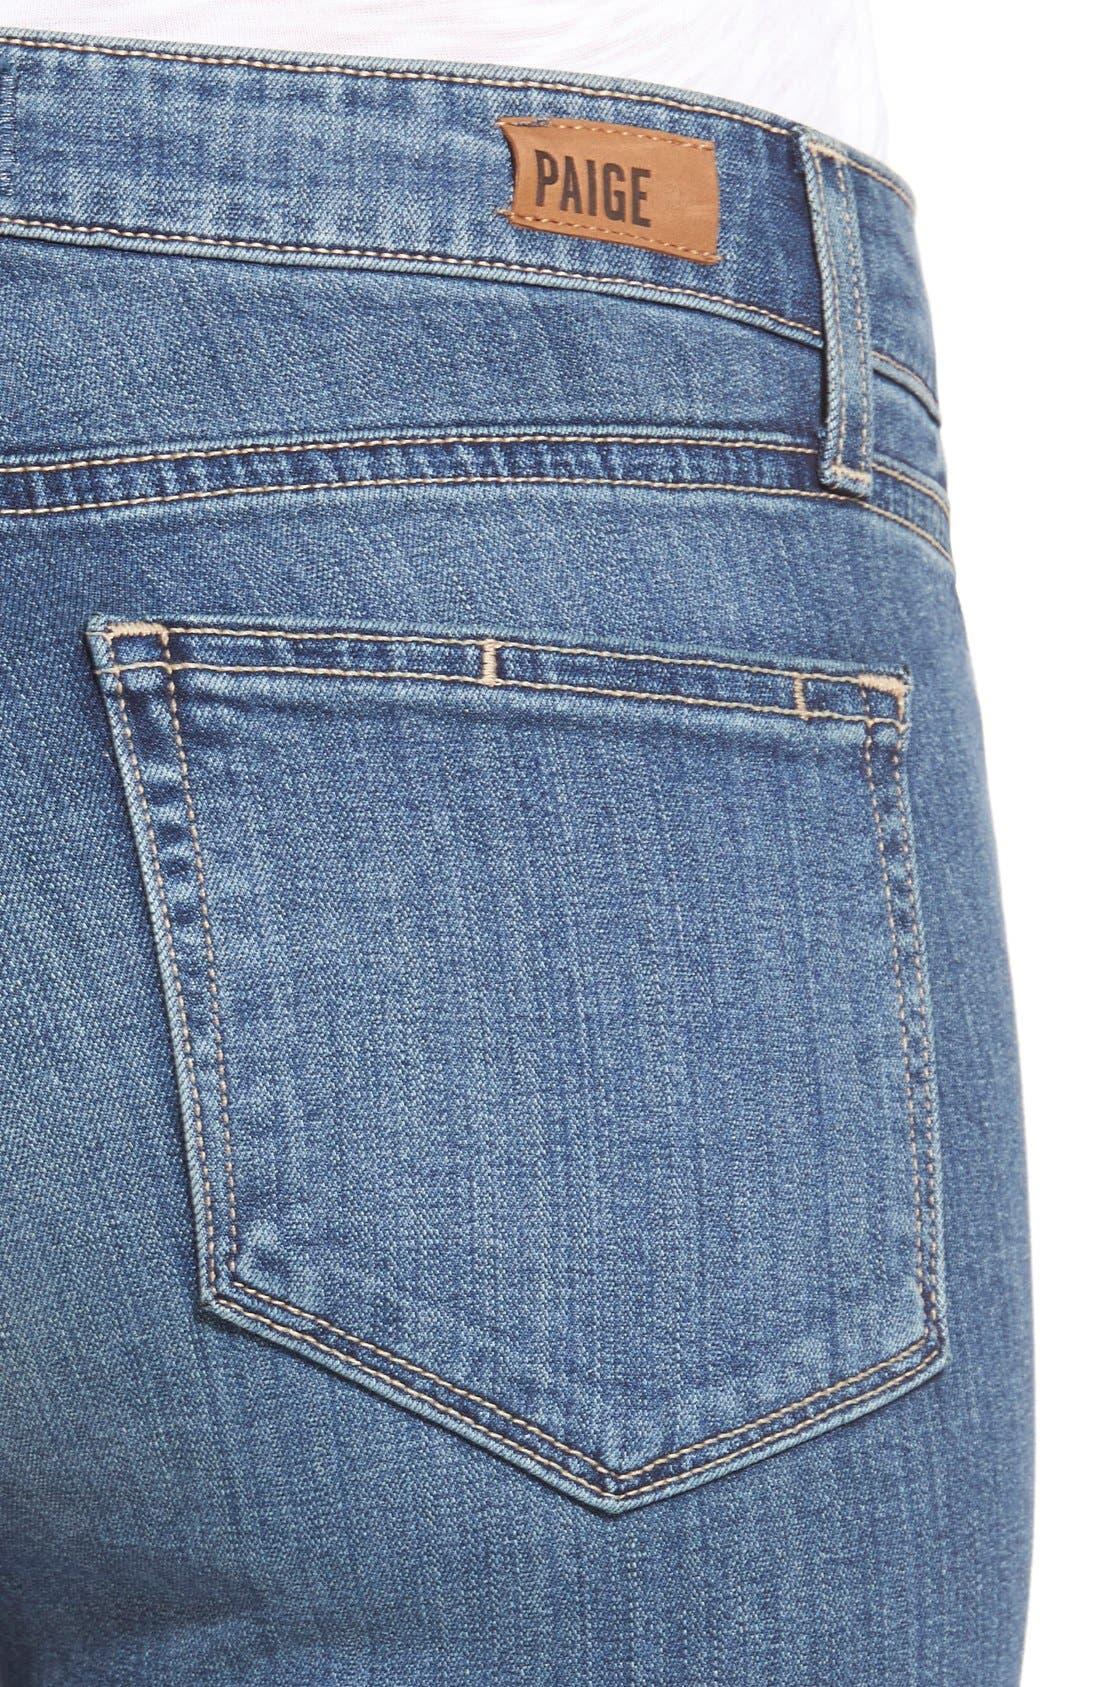 Alternate Image 4  - Paige Denim 'Transcend - Hoxton' High Rise Ankle Ultra Skinny Jeans (Linden)